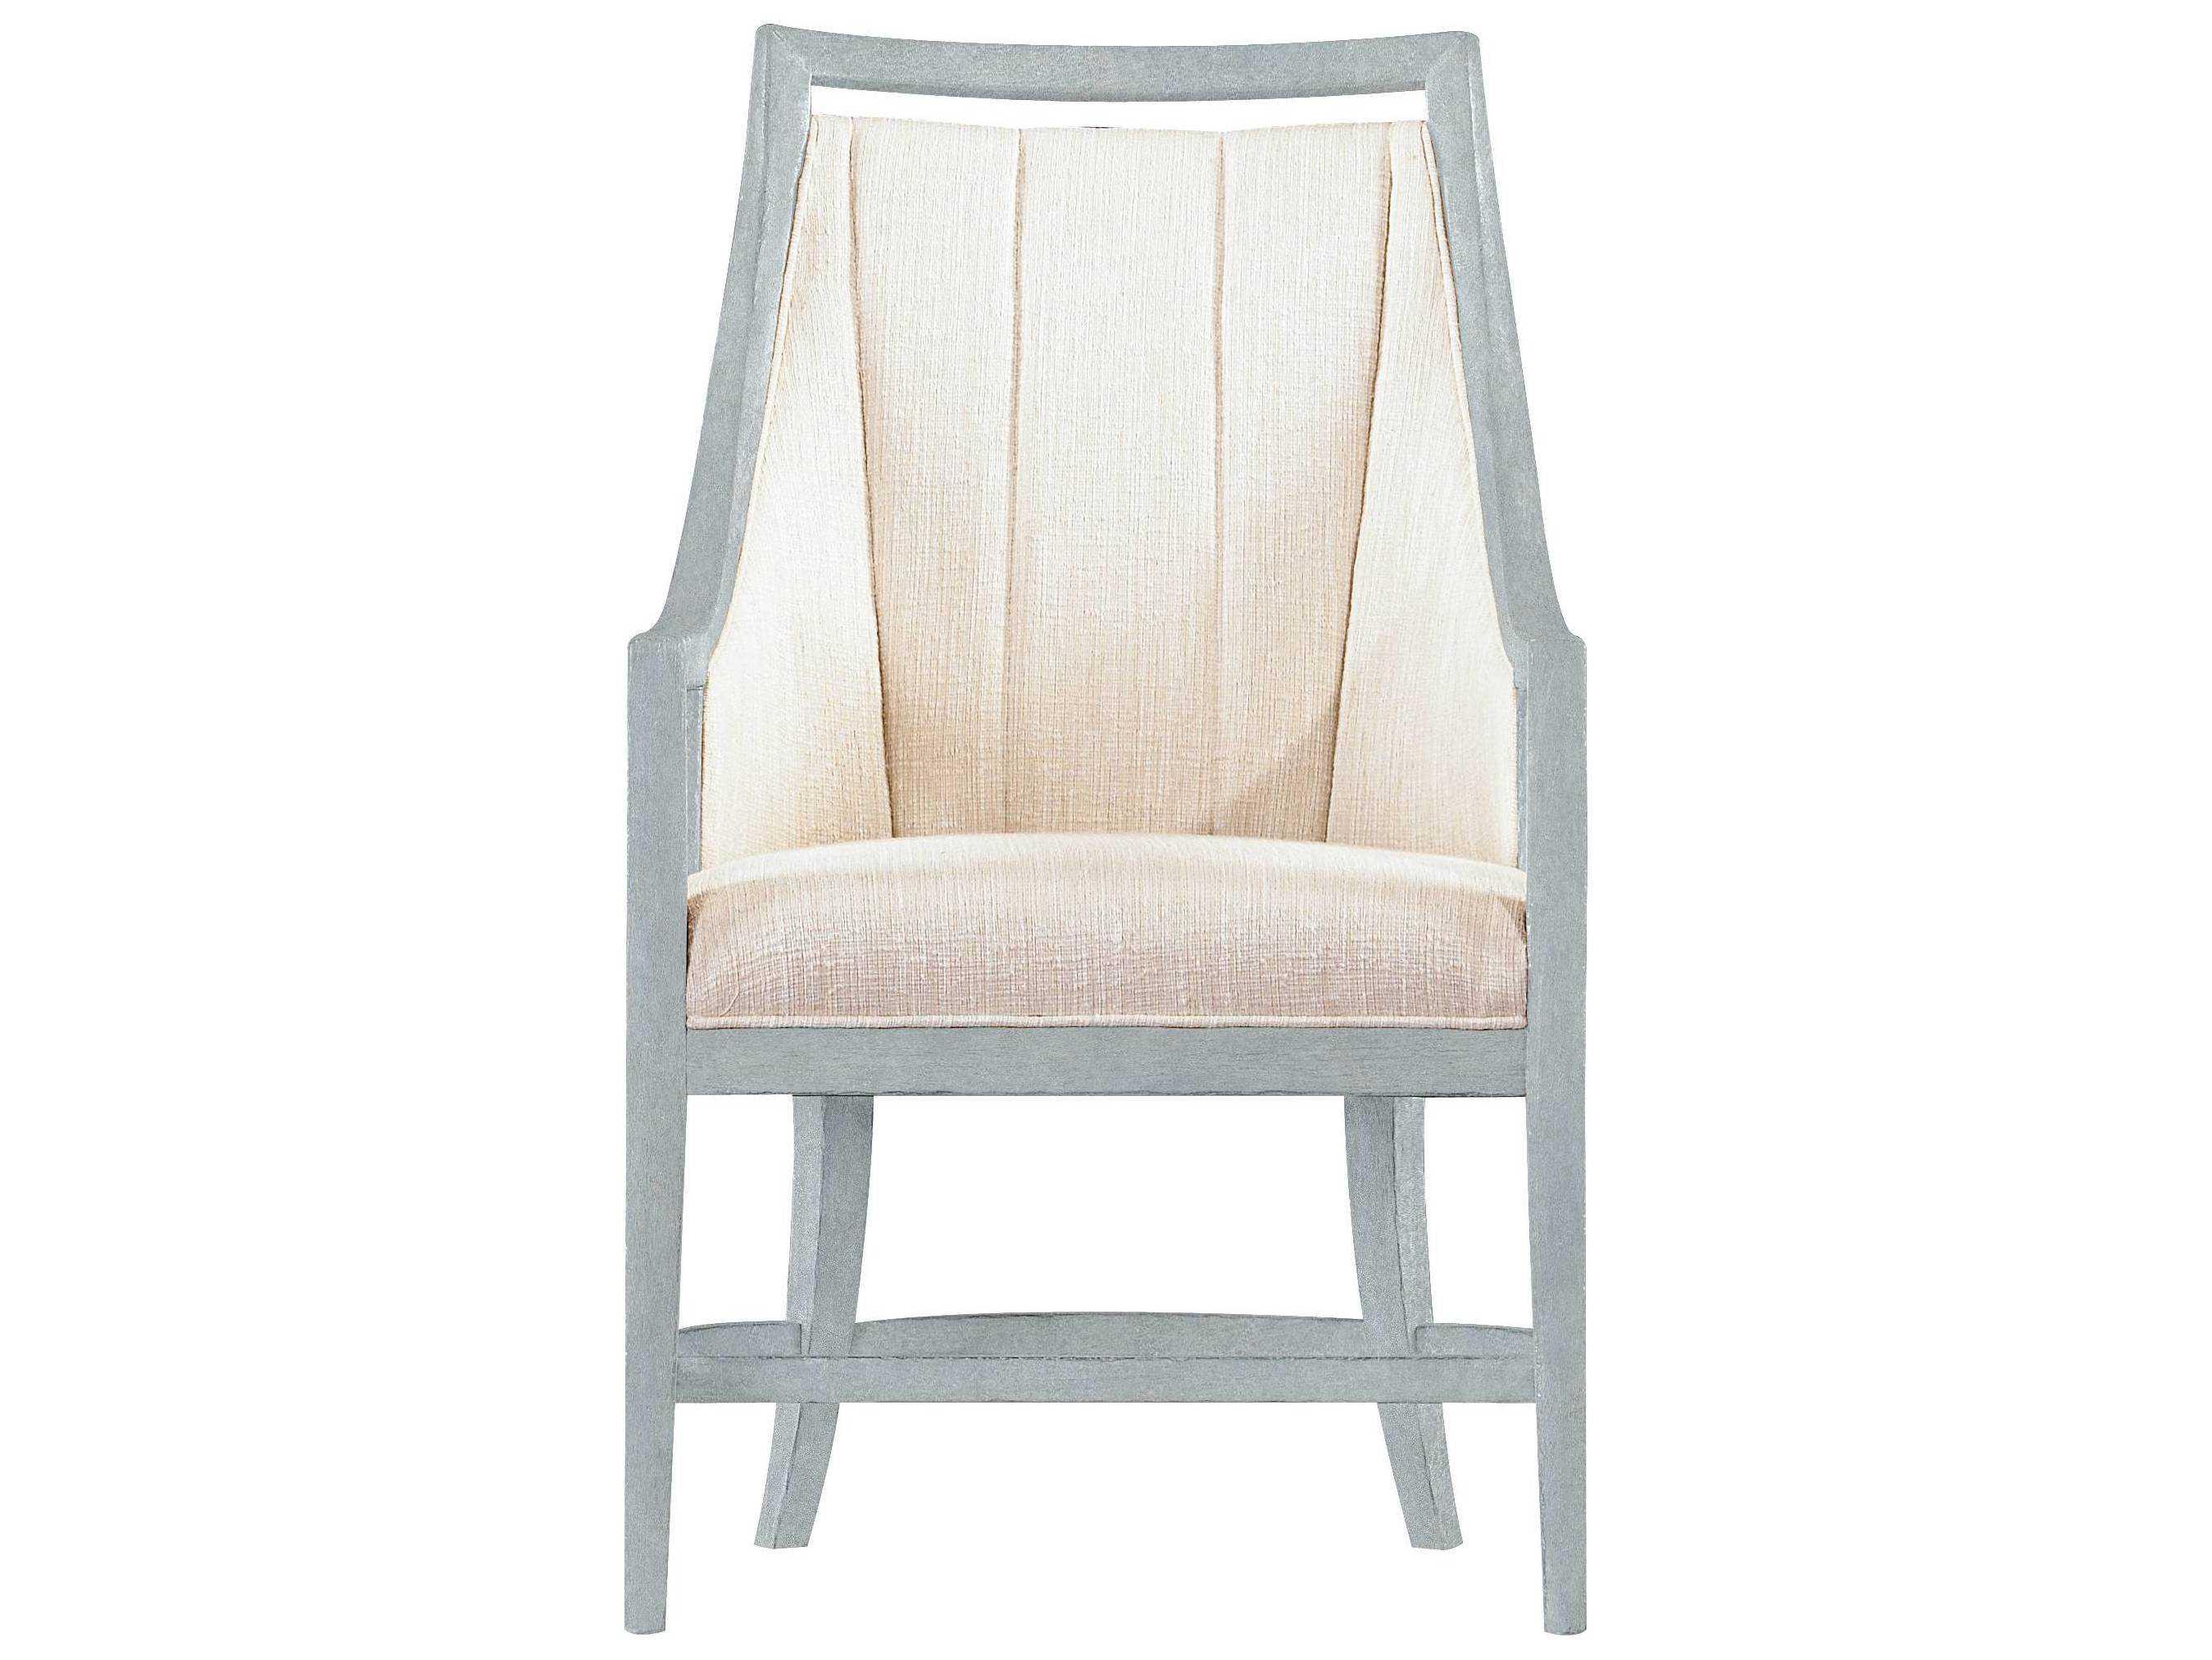 stanley furniture coastal living resort sea salt by the. Black Bedroom Furniture Sets. Home Design Ideas